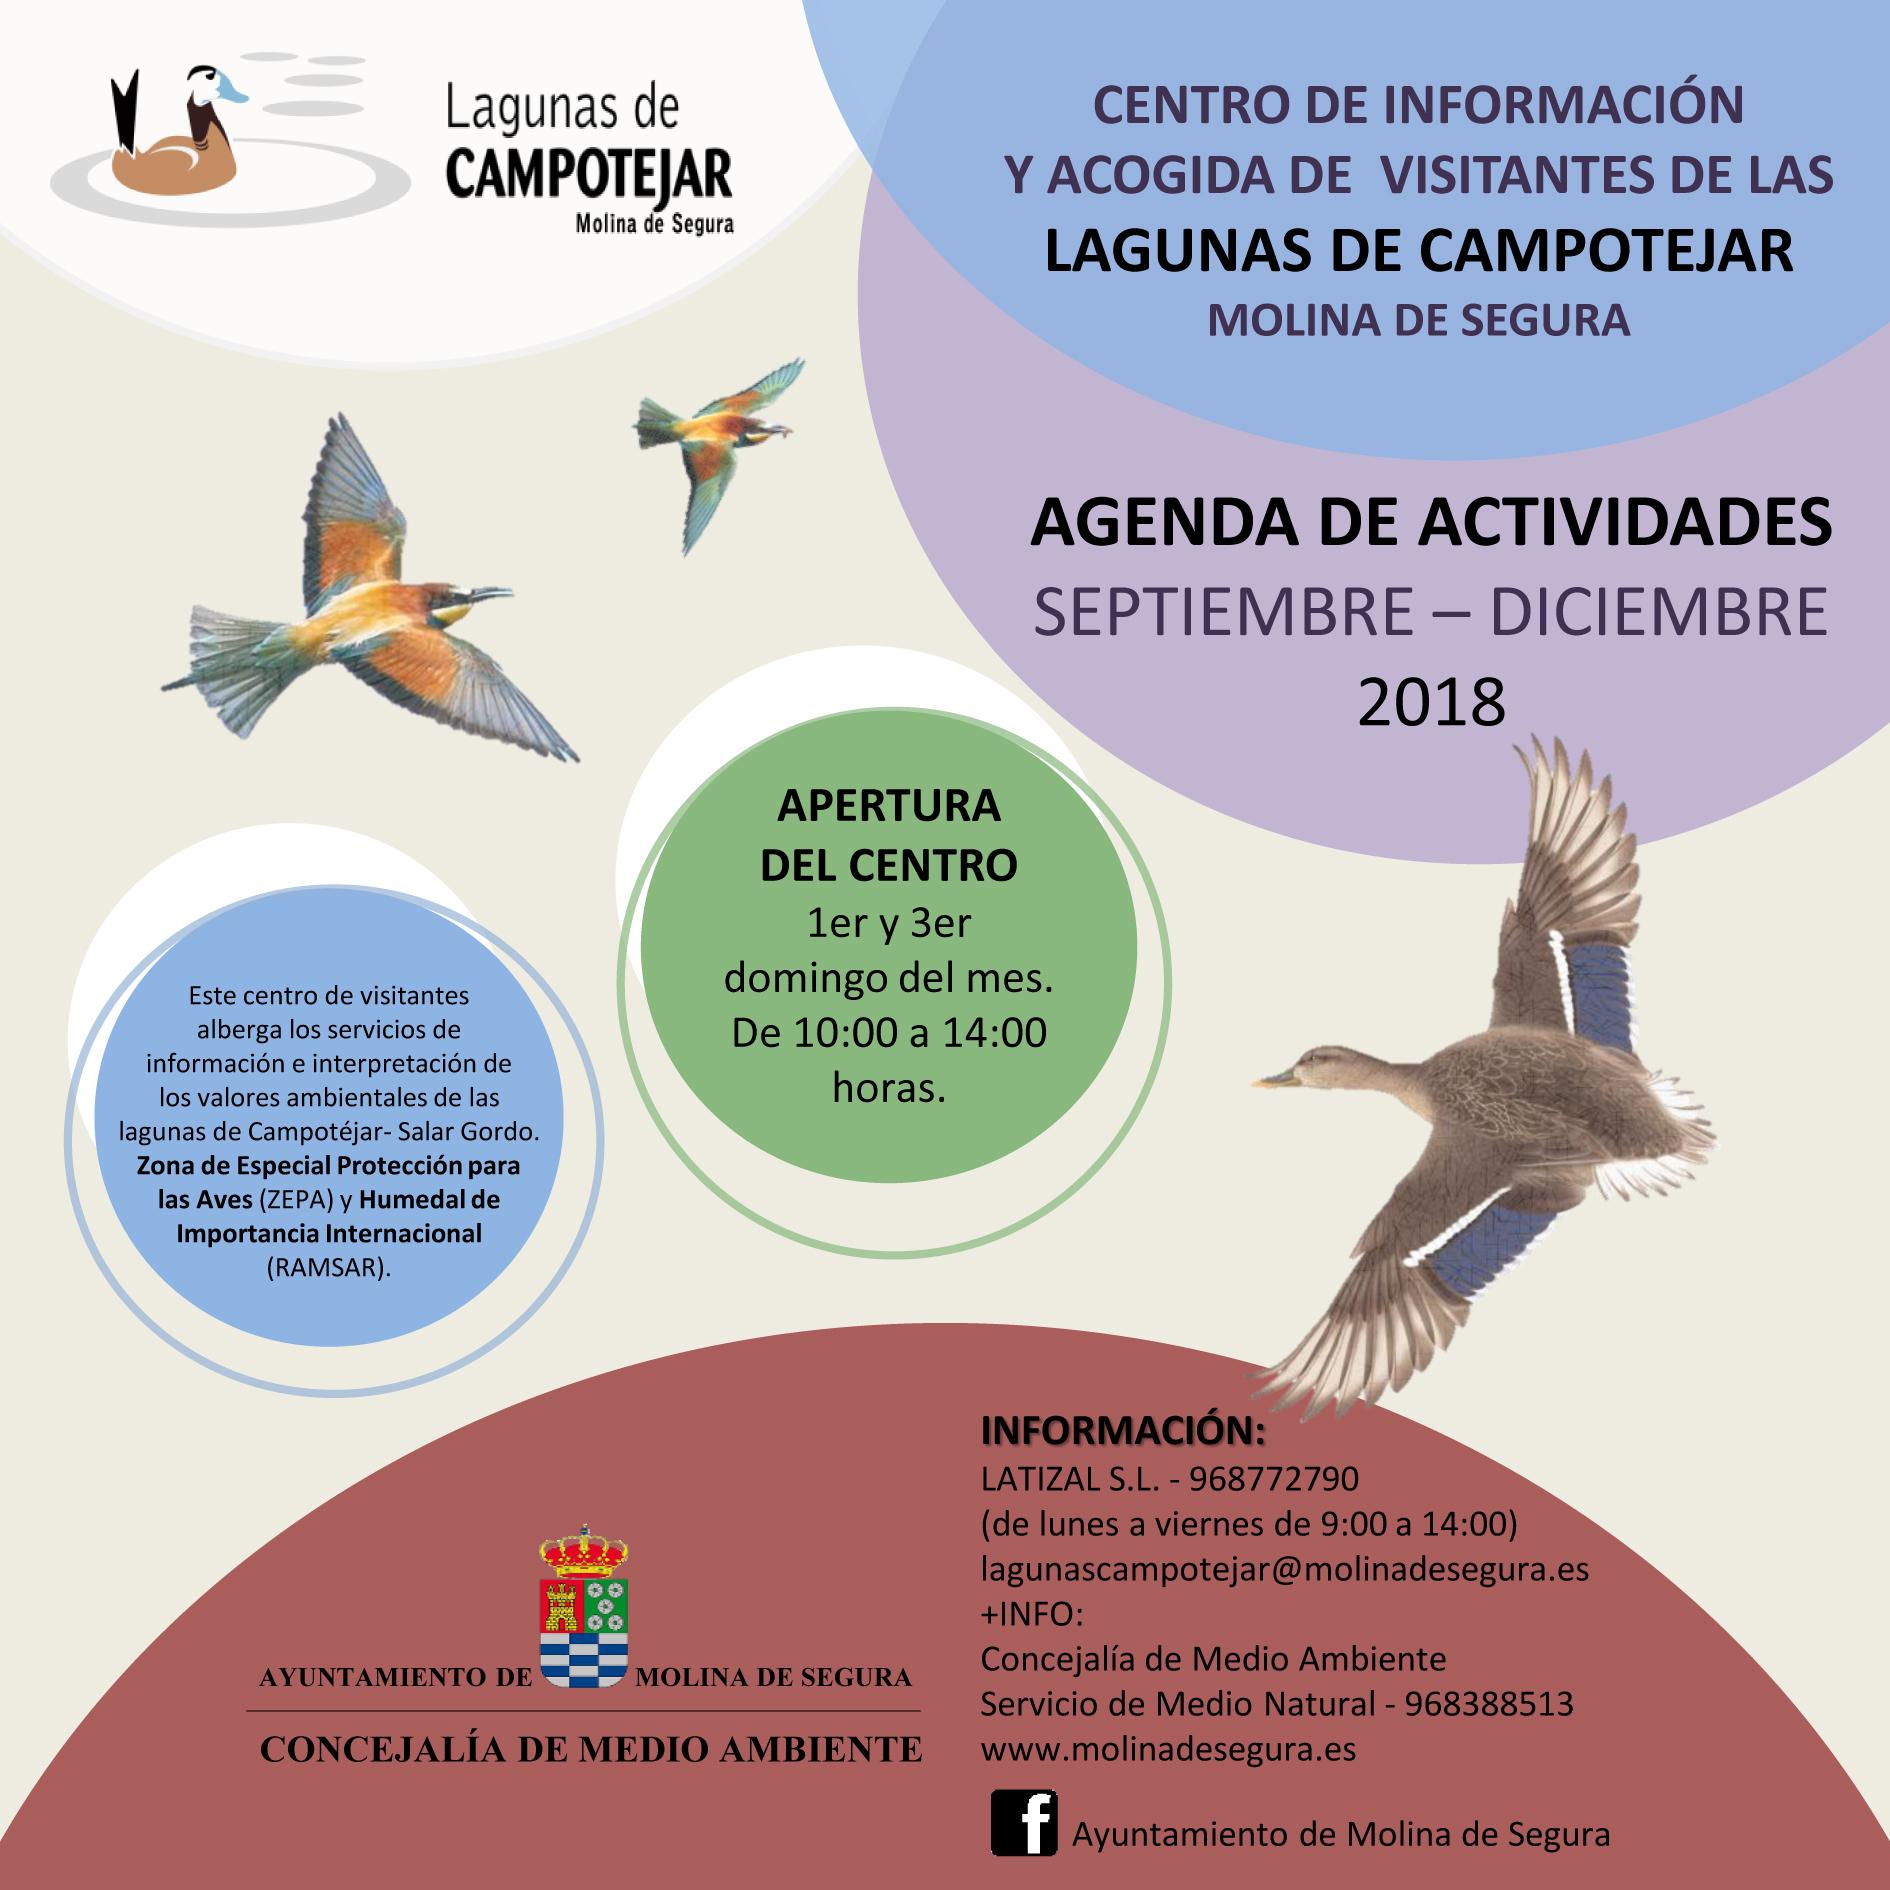 Datos de contacto de las Lagunas de Campotéjar, con el Ayto. de Molina de Segura